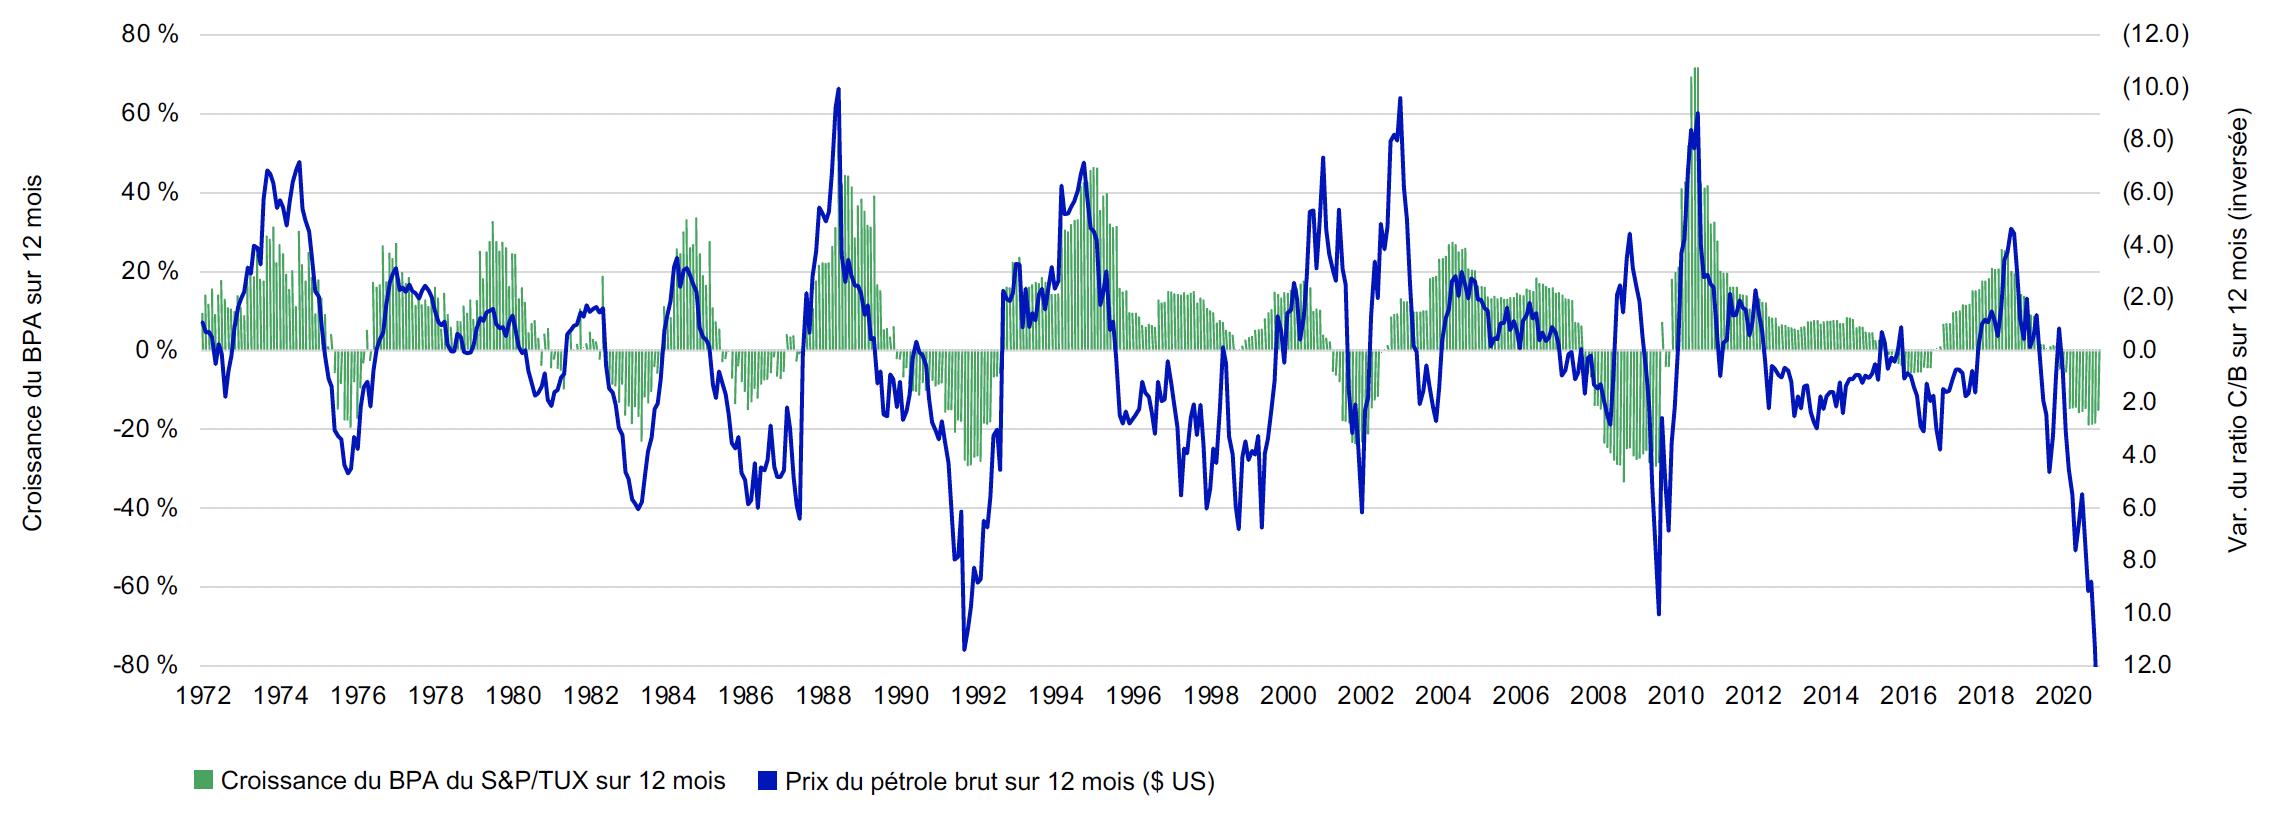 Ce graphique compare la variation sur 12 mois de la croissance des bénéfices et la variation sur 12 mois du ratio cours/bénéfice de l'indice S&P/TSX de janvier 1972 au 31 mars 2021. Ces deux ensembles de données présentent une corrélation inverse, signifiant qu'ils évoluent dans des directions opposées au fil du temps. L'axe de la variation du ratio cours/bénéfice est inversé de sorte que l'image montre à quel point ils se suivent l'un l'autre. Récemment, le ratio cours/bénéfice était assez élevé, mais comme l'axe est inversé, la ligne descend. La ligne représentant la croissance des bénéfices descend également.